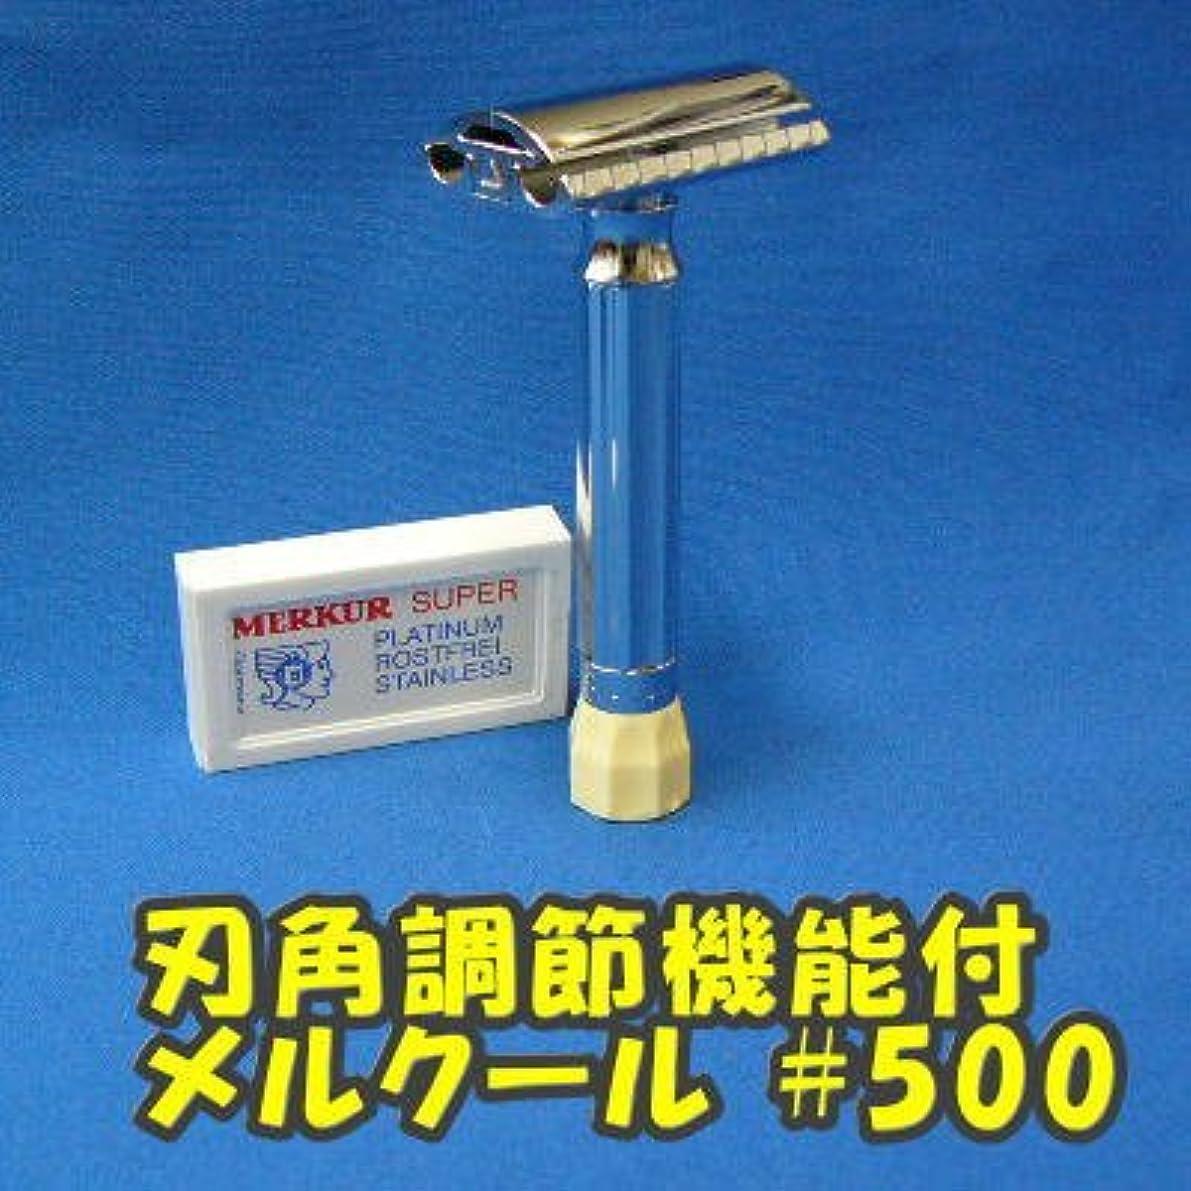 誇張ダース経験者メルクール髭剃り(ひげそり)570 PROGRESS(プログレス)